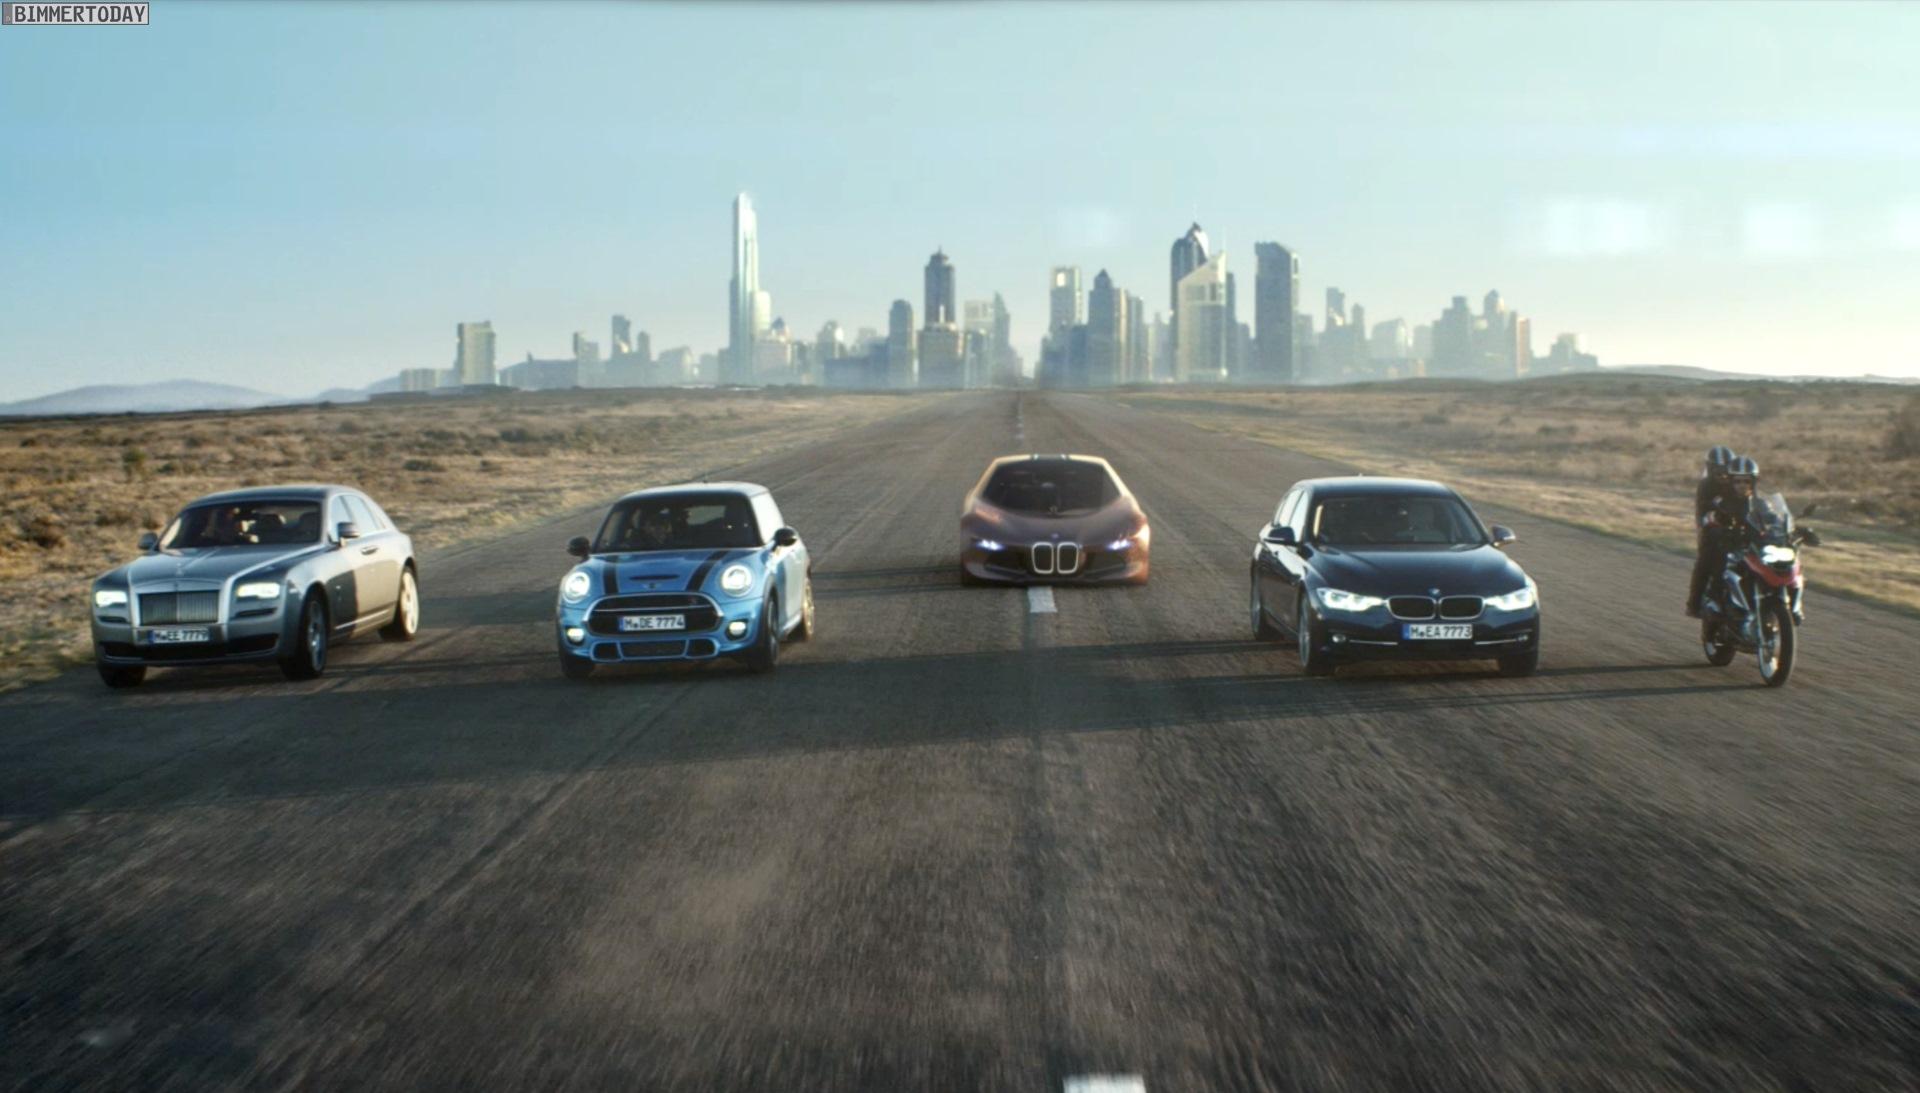 Bmw Werbung The Next 100 Years Tv Clip Zum Jubil 228 Um